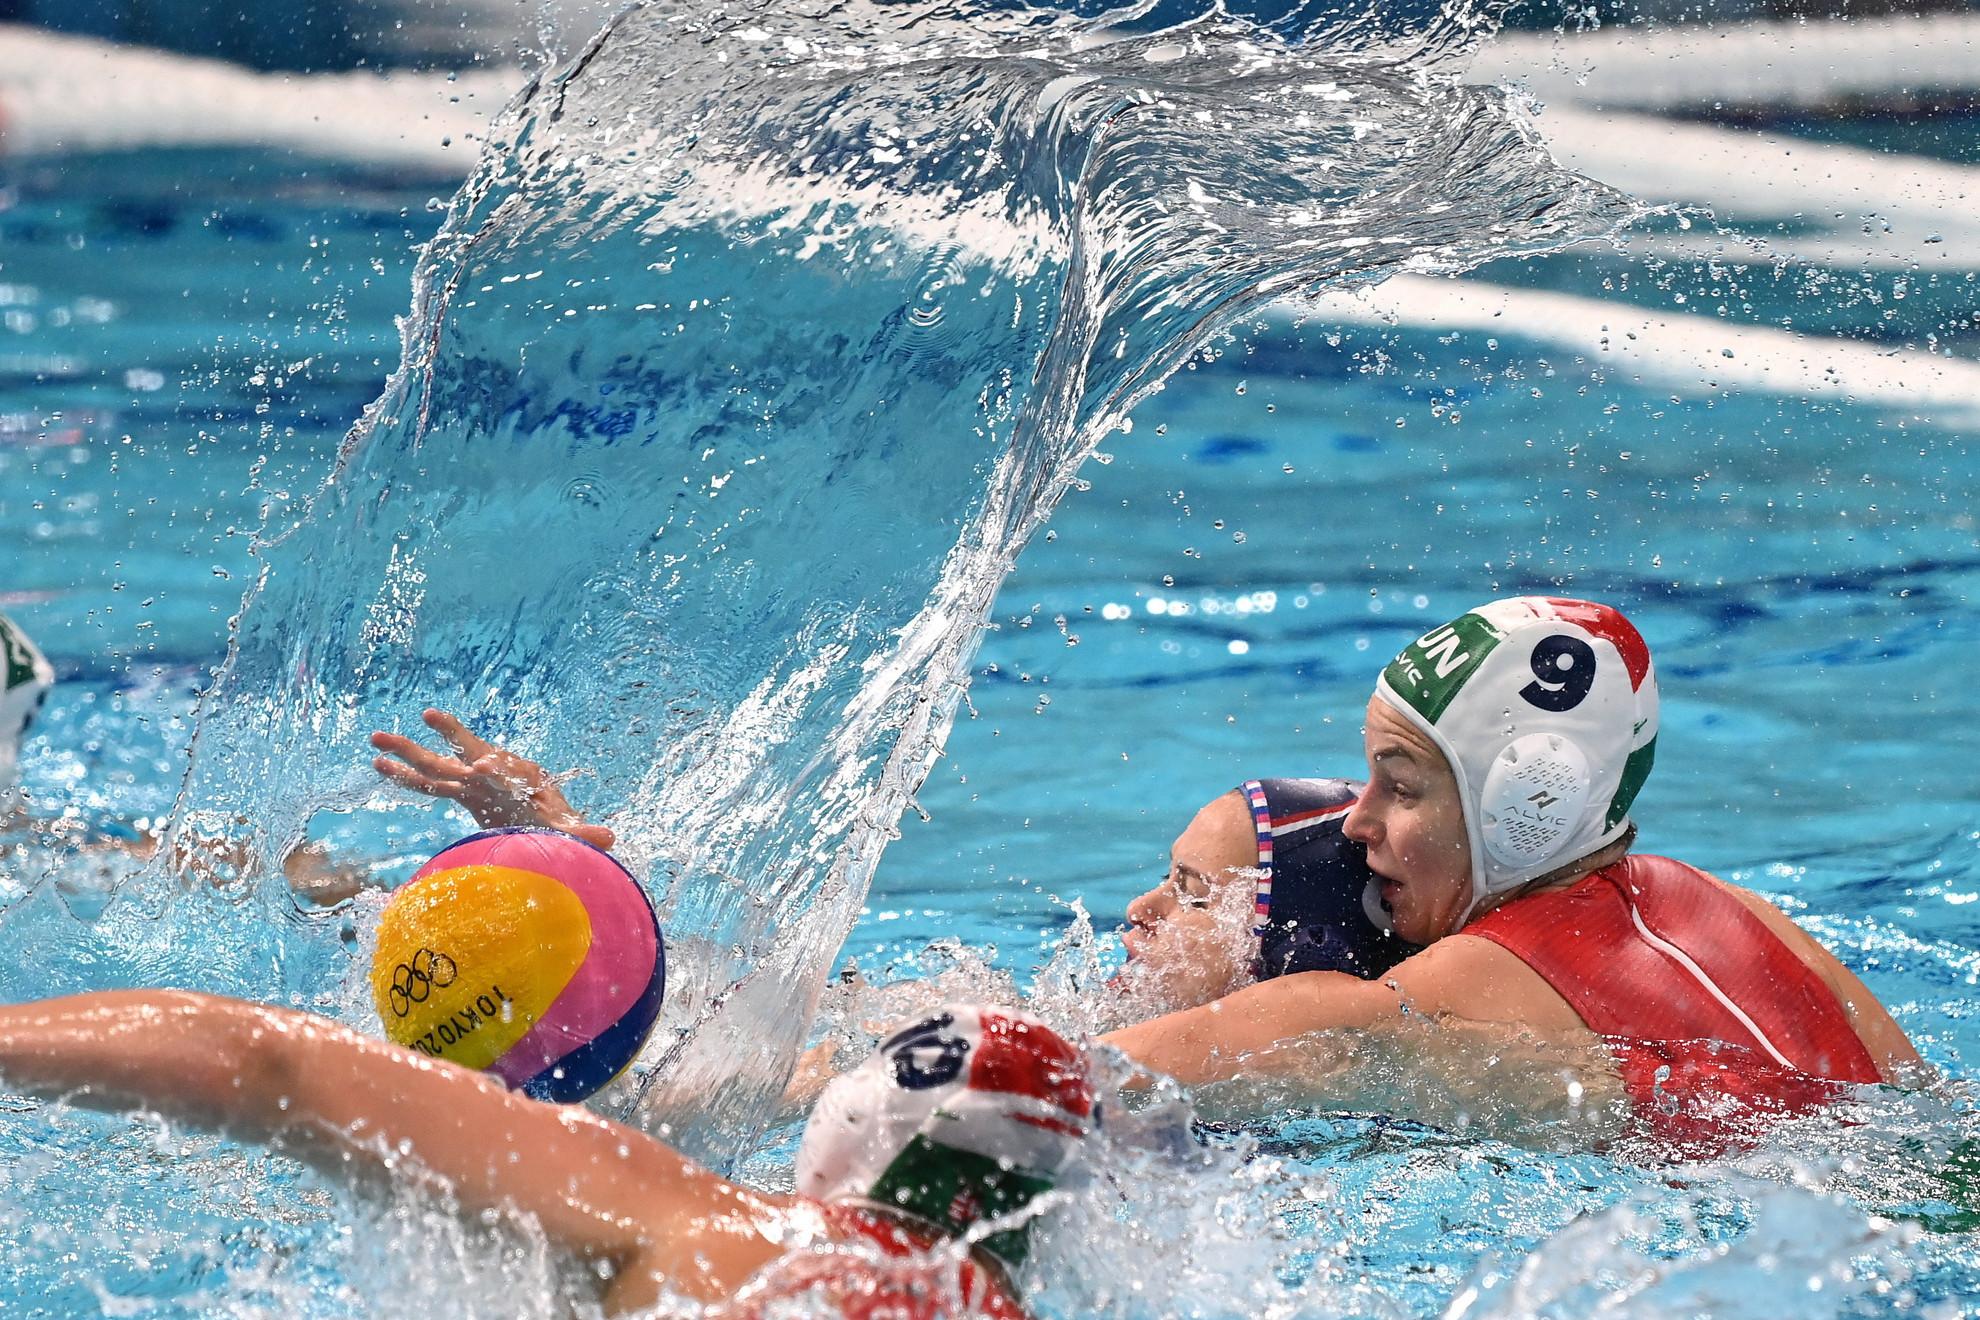 Leimeter Dóra (j) és az orosz Anna Tyimofejeva a világméretű koronavírus-járvány miatt 2021-re halasztott 2020-as tokiói nyári olimpia női vízilabdatornáján a harmadik helyért játszott Magyarország - Orosz Olimpiai Csapat mérkőzésen a Tacumi Vízilabdaközpontban 2021. augusztus 7-én